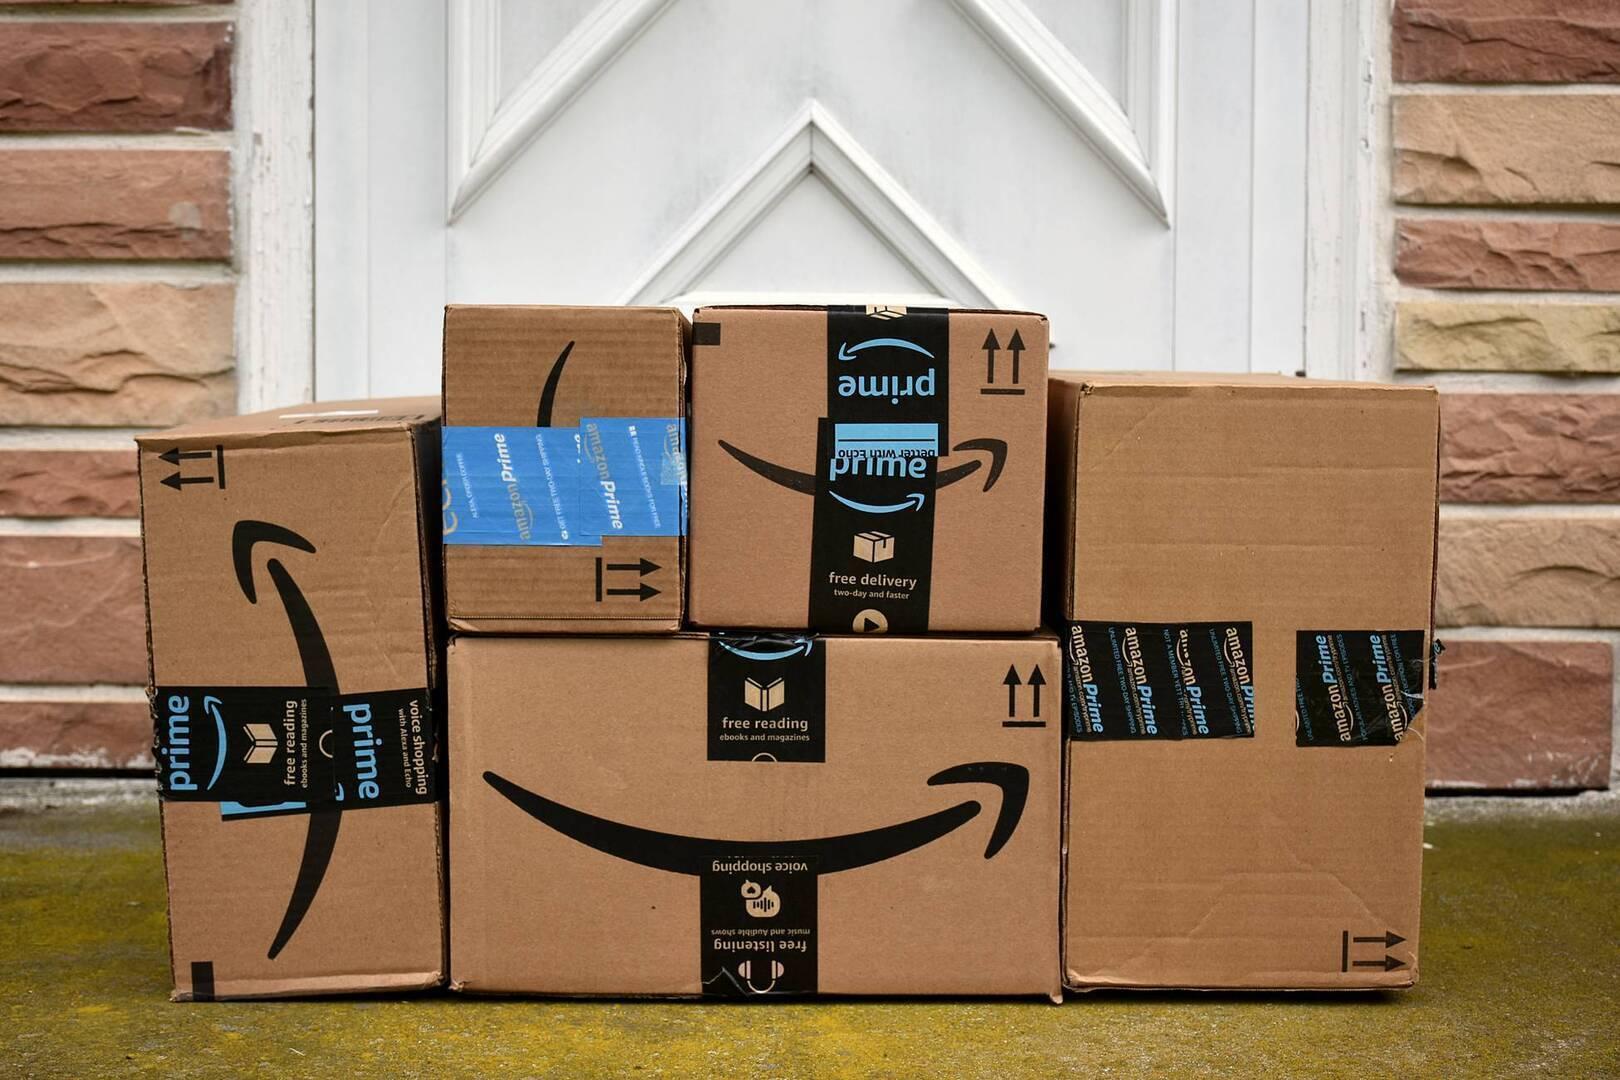 Amazon boxes at someones doorstep